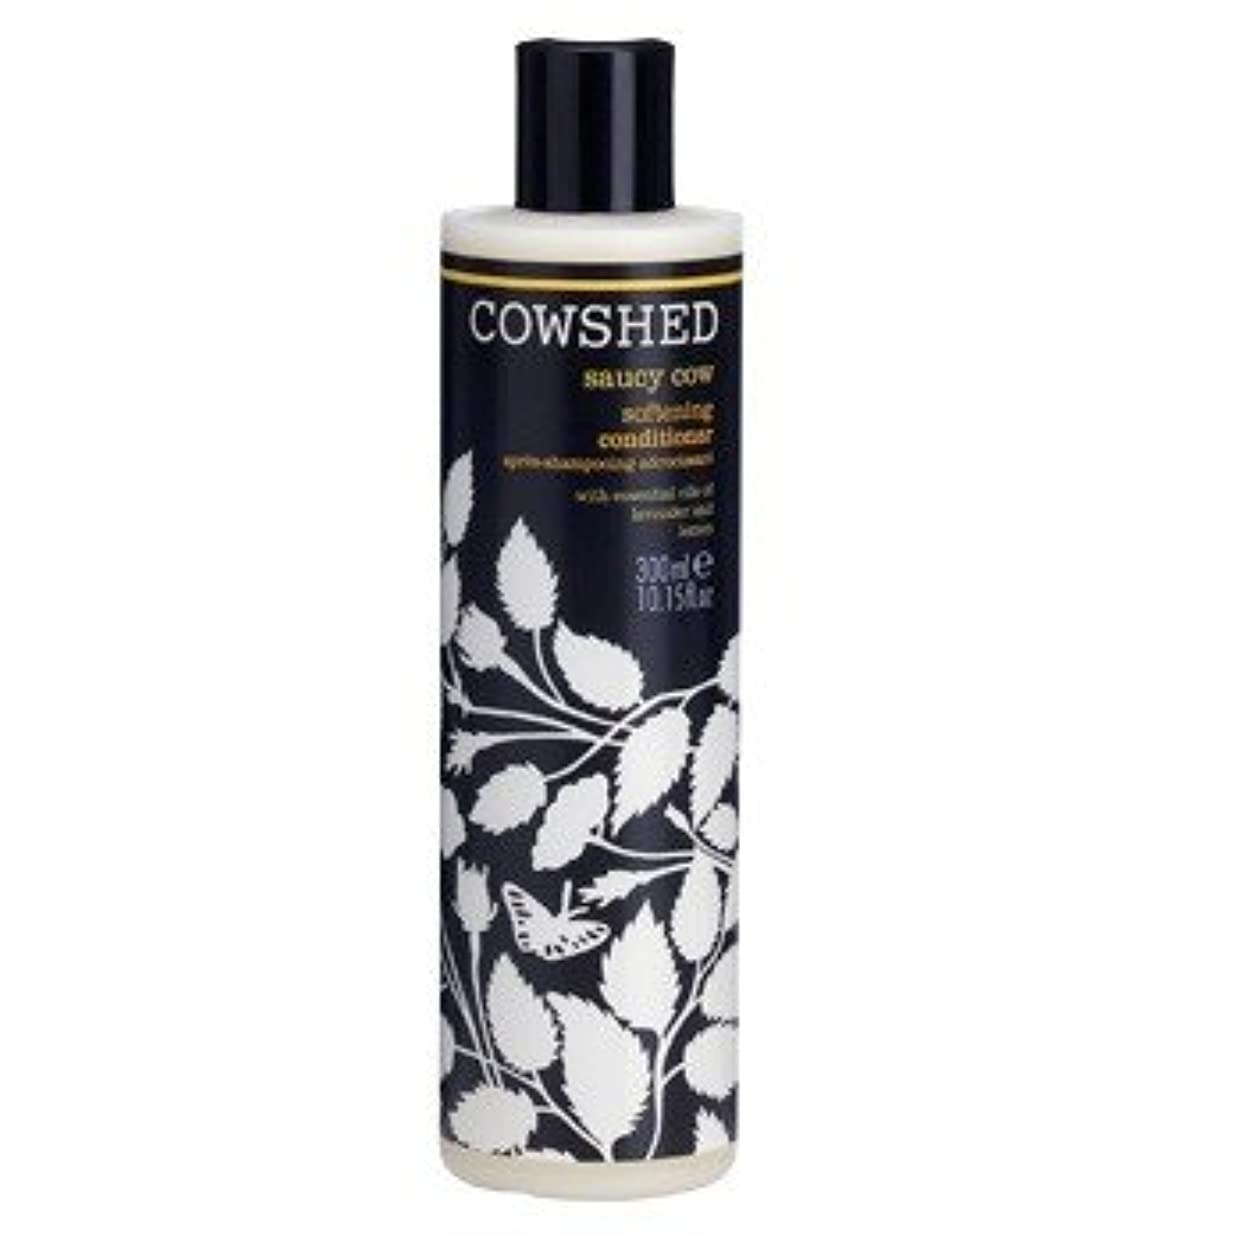 小包フィットネス称賛牛舎生意気な牛軟化コンディショナー300ミリリットル (Cowshed) (x6) - Cowshed Saucy Cow Softening Conditioner 300ml (Pack of 6) [並行輸入品]